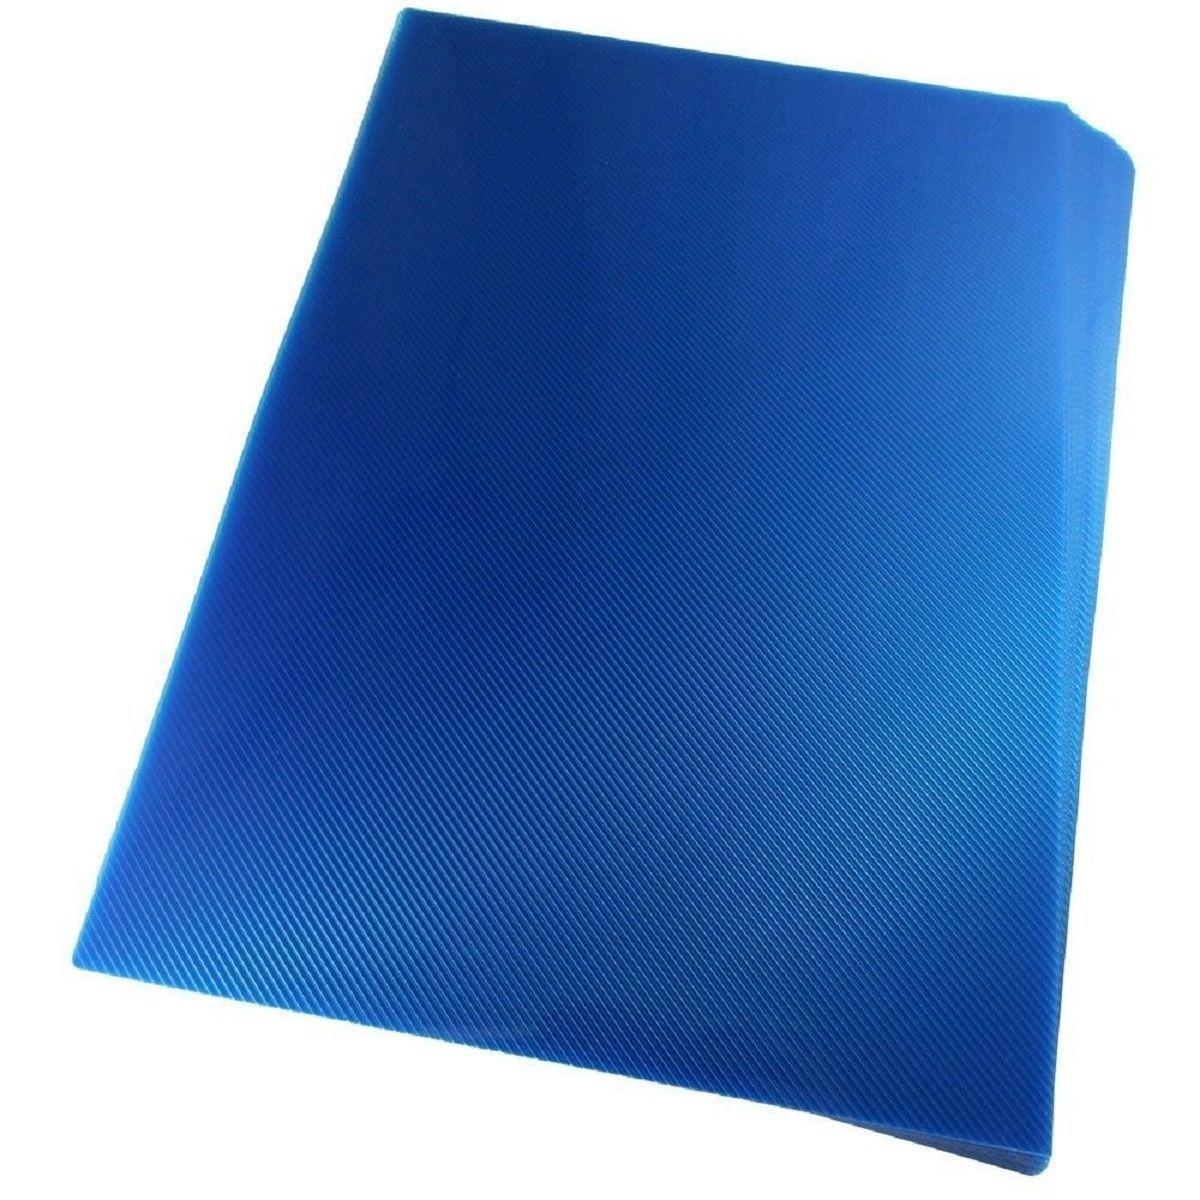 Capa para Encadernação PP 0,30mm A4 Azul Line (Frente) - Pacote com 100 unidades  - Click Suprimentos